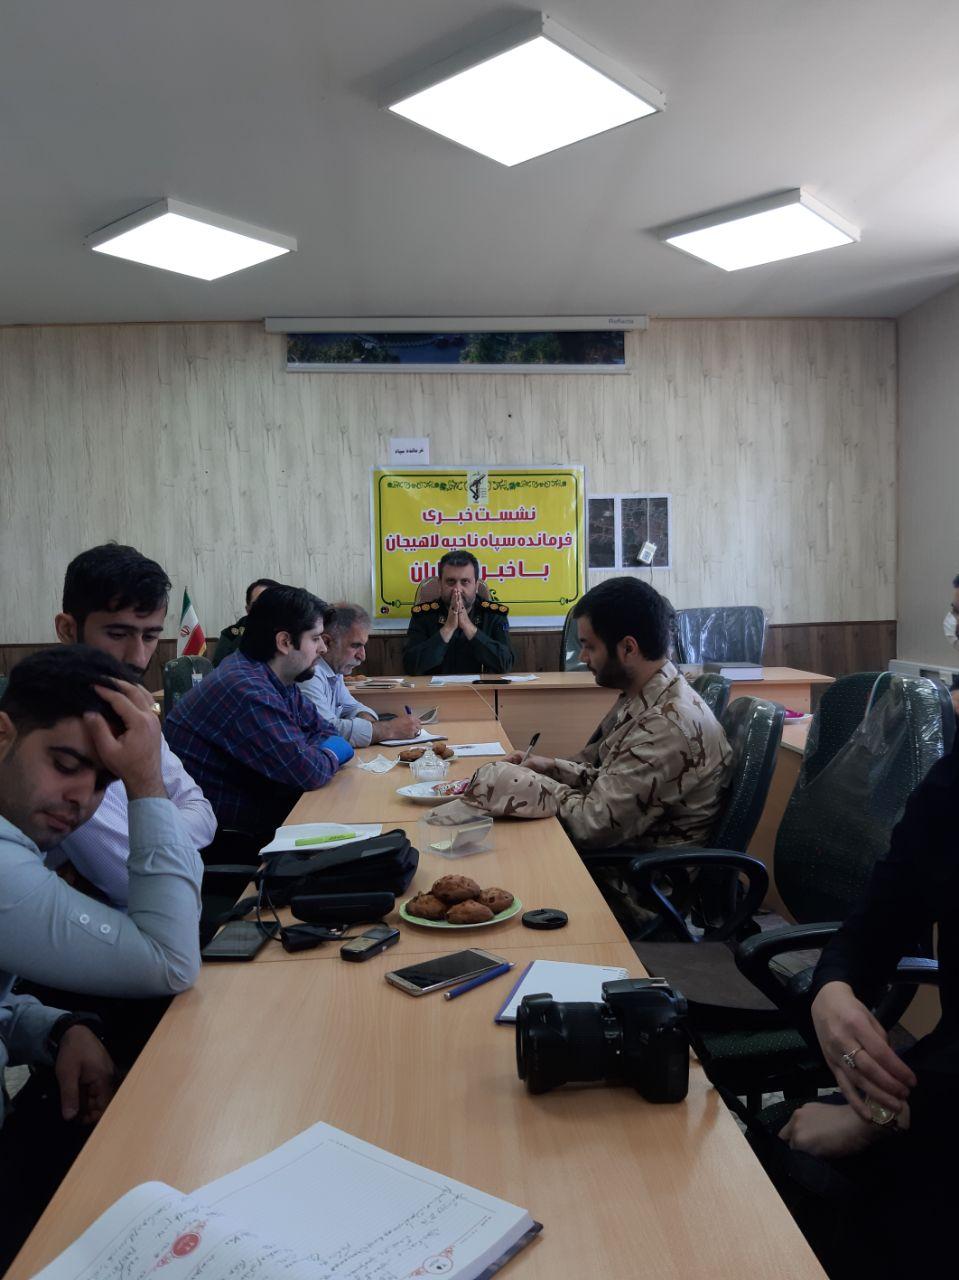 سپاه پاسداران جمهوری اسلامی ایران در ایام کرونایی شهرستان لاهیجان چه کرد؟